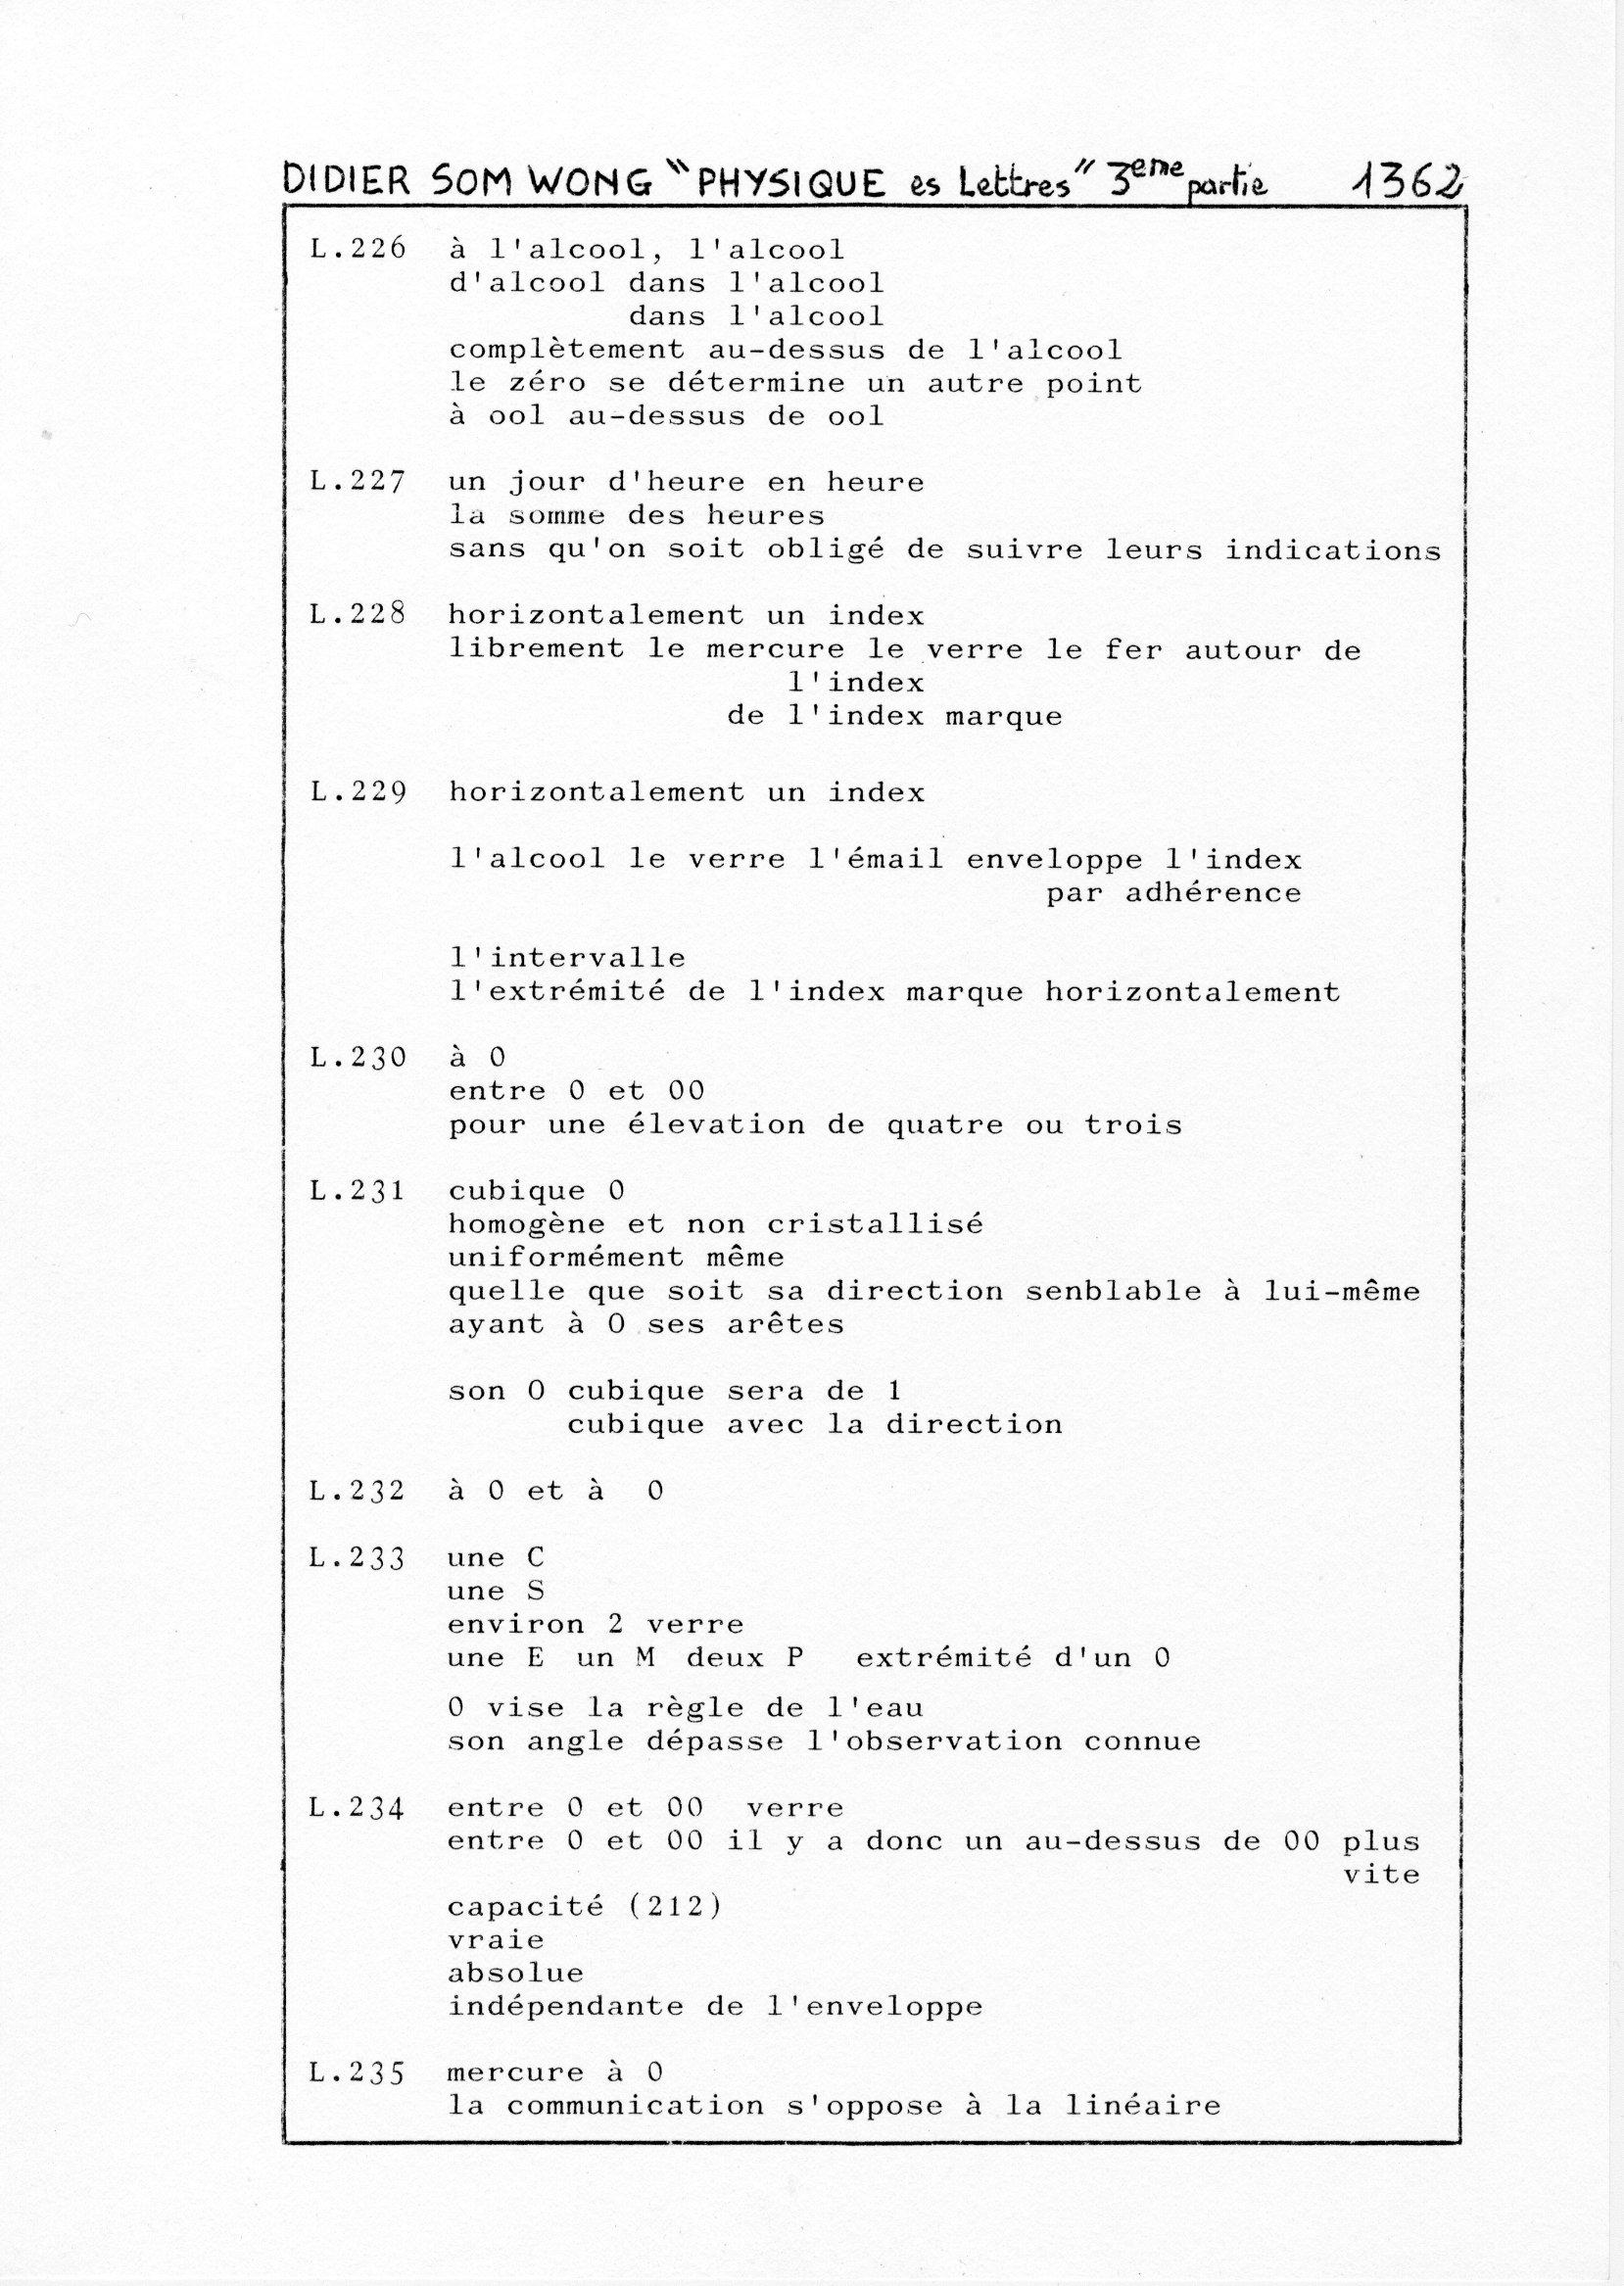 page 1362 D. Som Wong PHYSIQUE Es Lettres 3ème partie